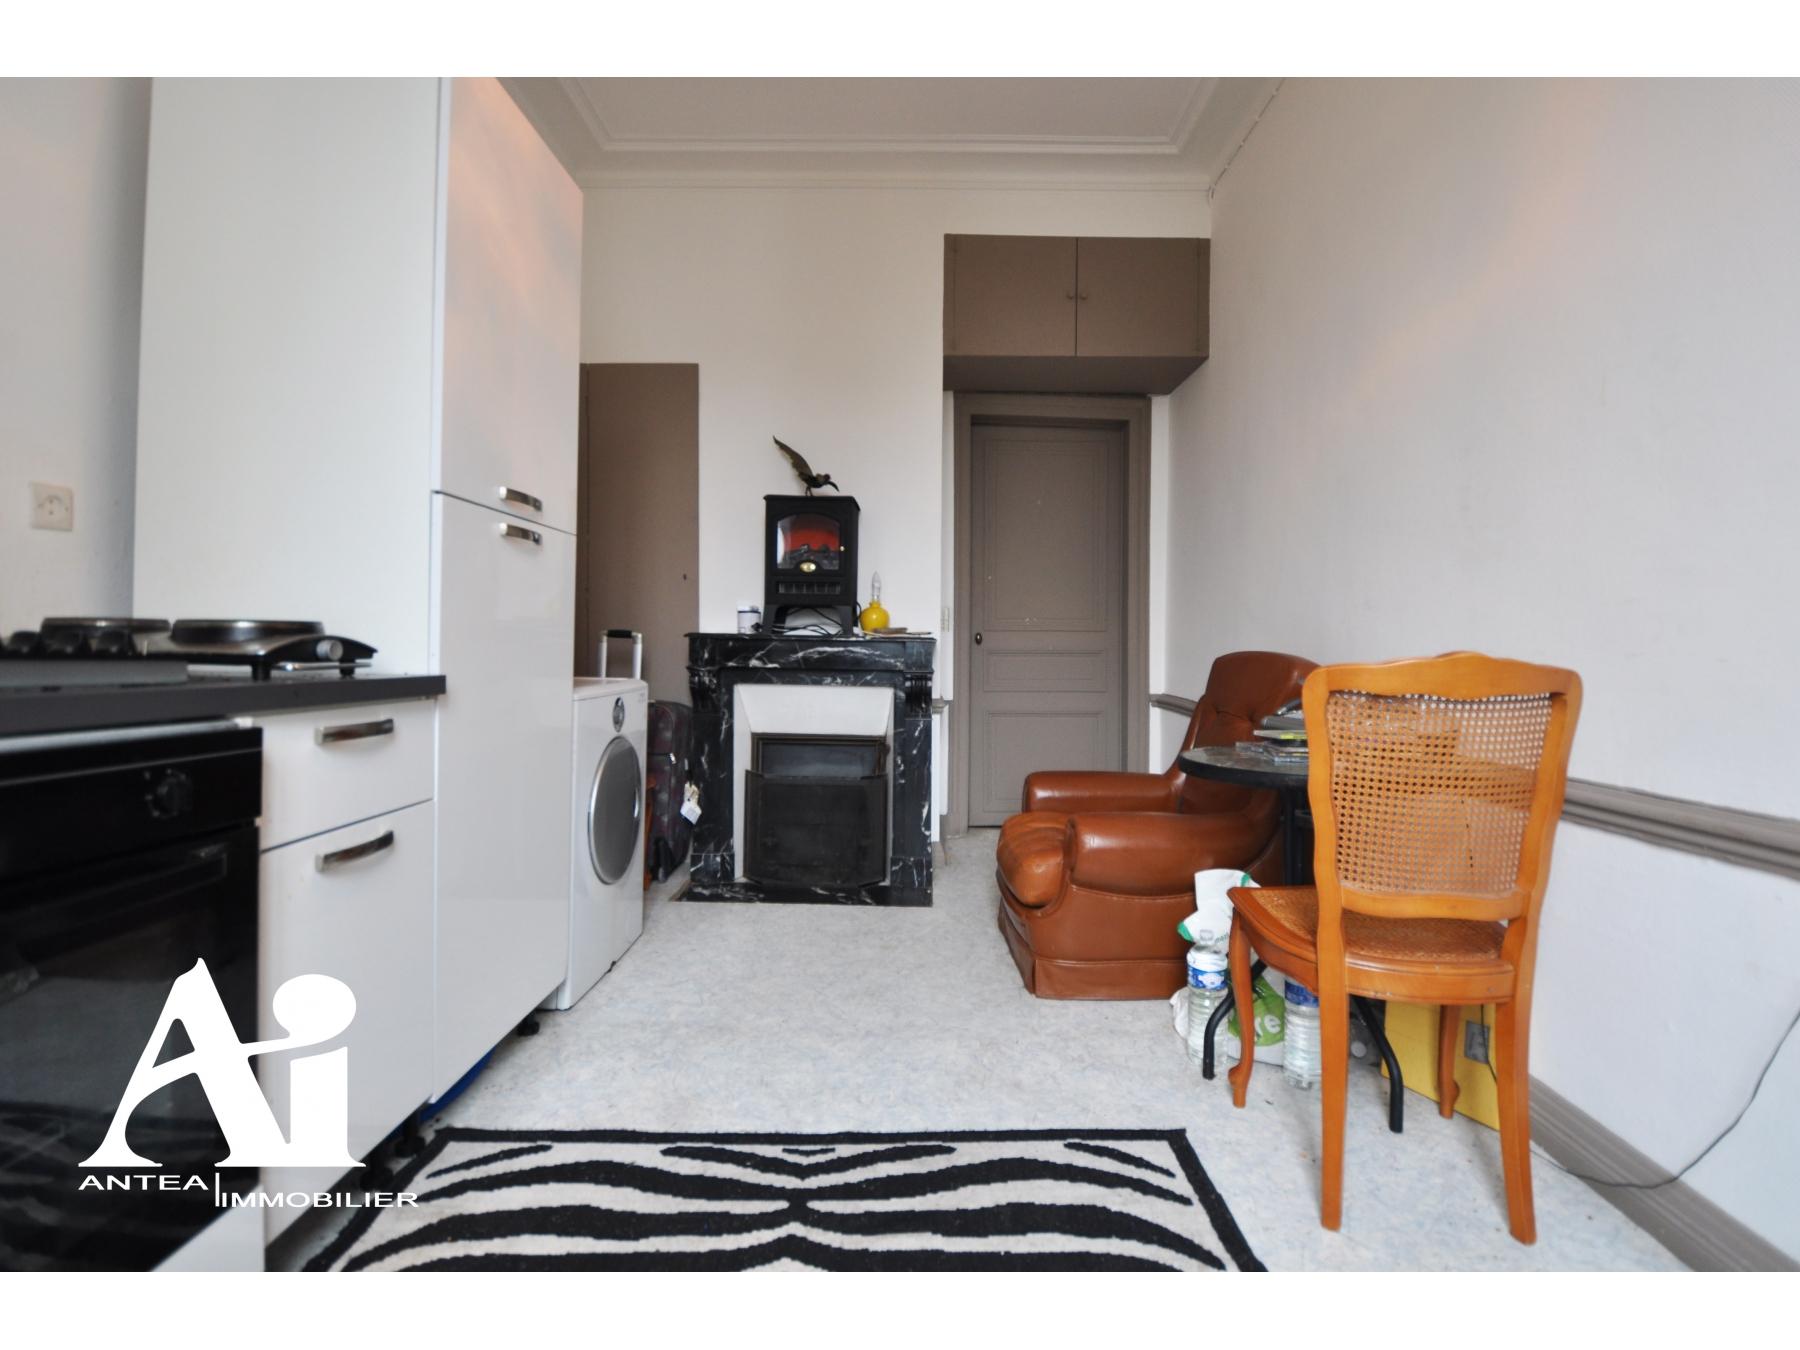 troyes la villa rothier achat d 39 appartement de 76 m2